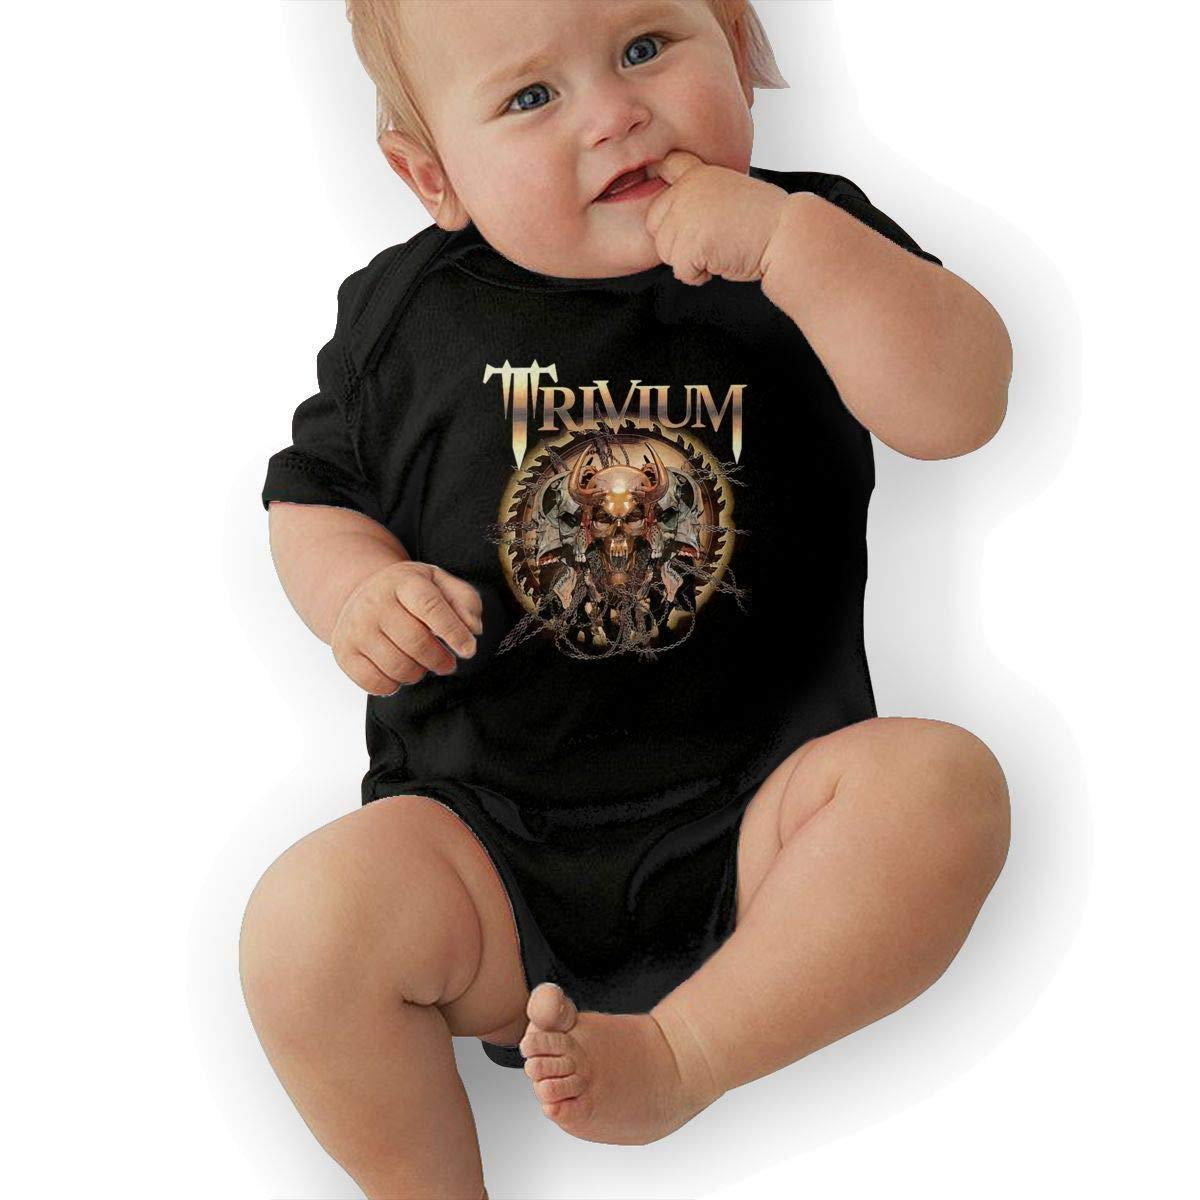 SHWPAKFA Infant Trivium Inner Skull Adorable Soft Music Band Jersey Bodysuit,Black,6M